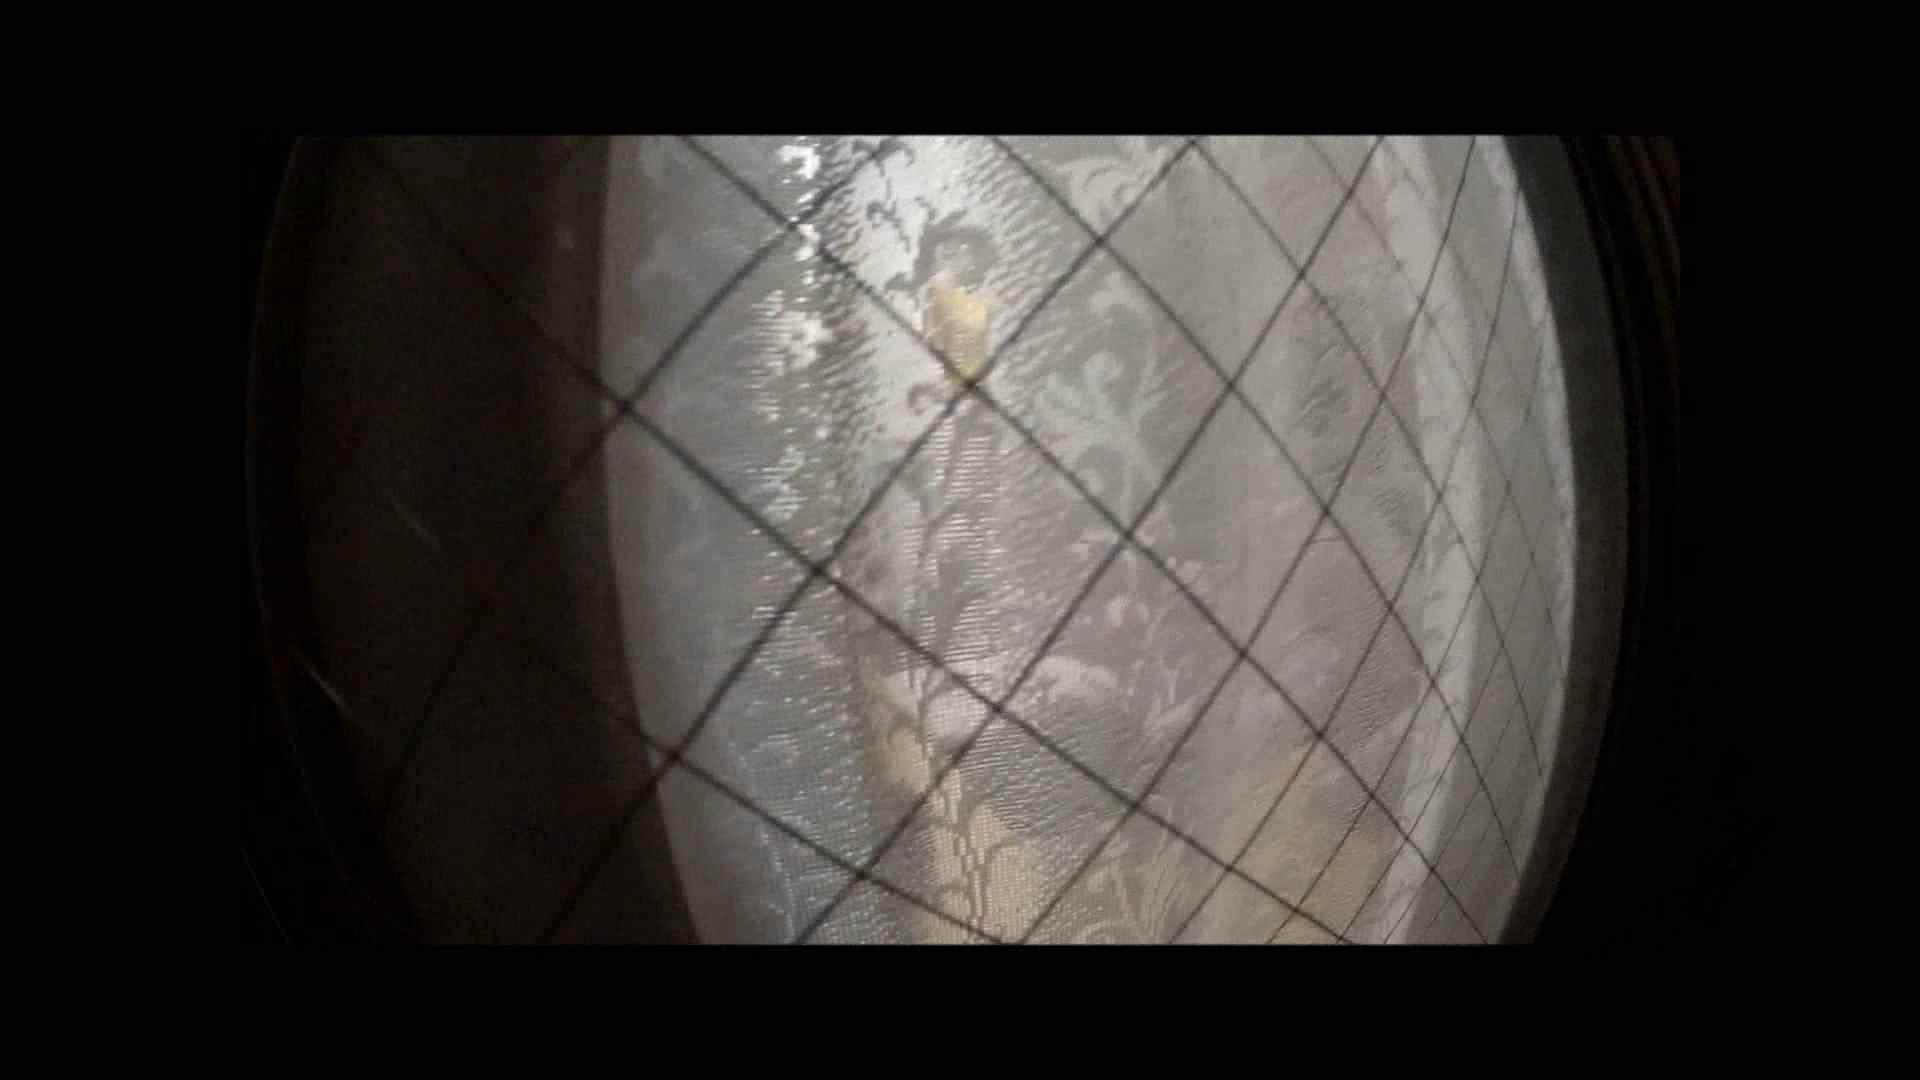 【04】別の日・・・魚眼レンズで広角に撮れました。 マンコ満開 えろ無修正画像 80PIX 2